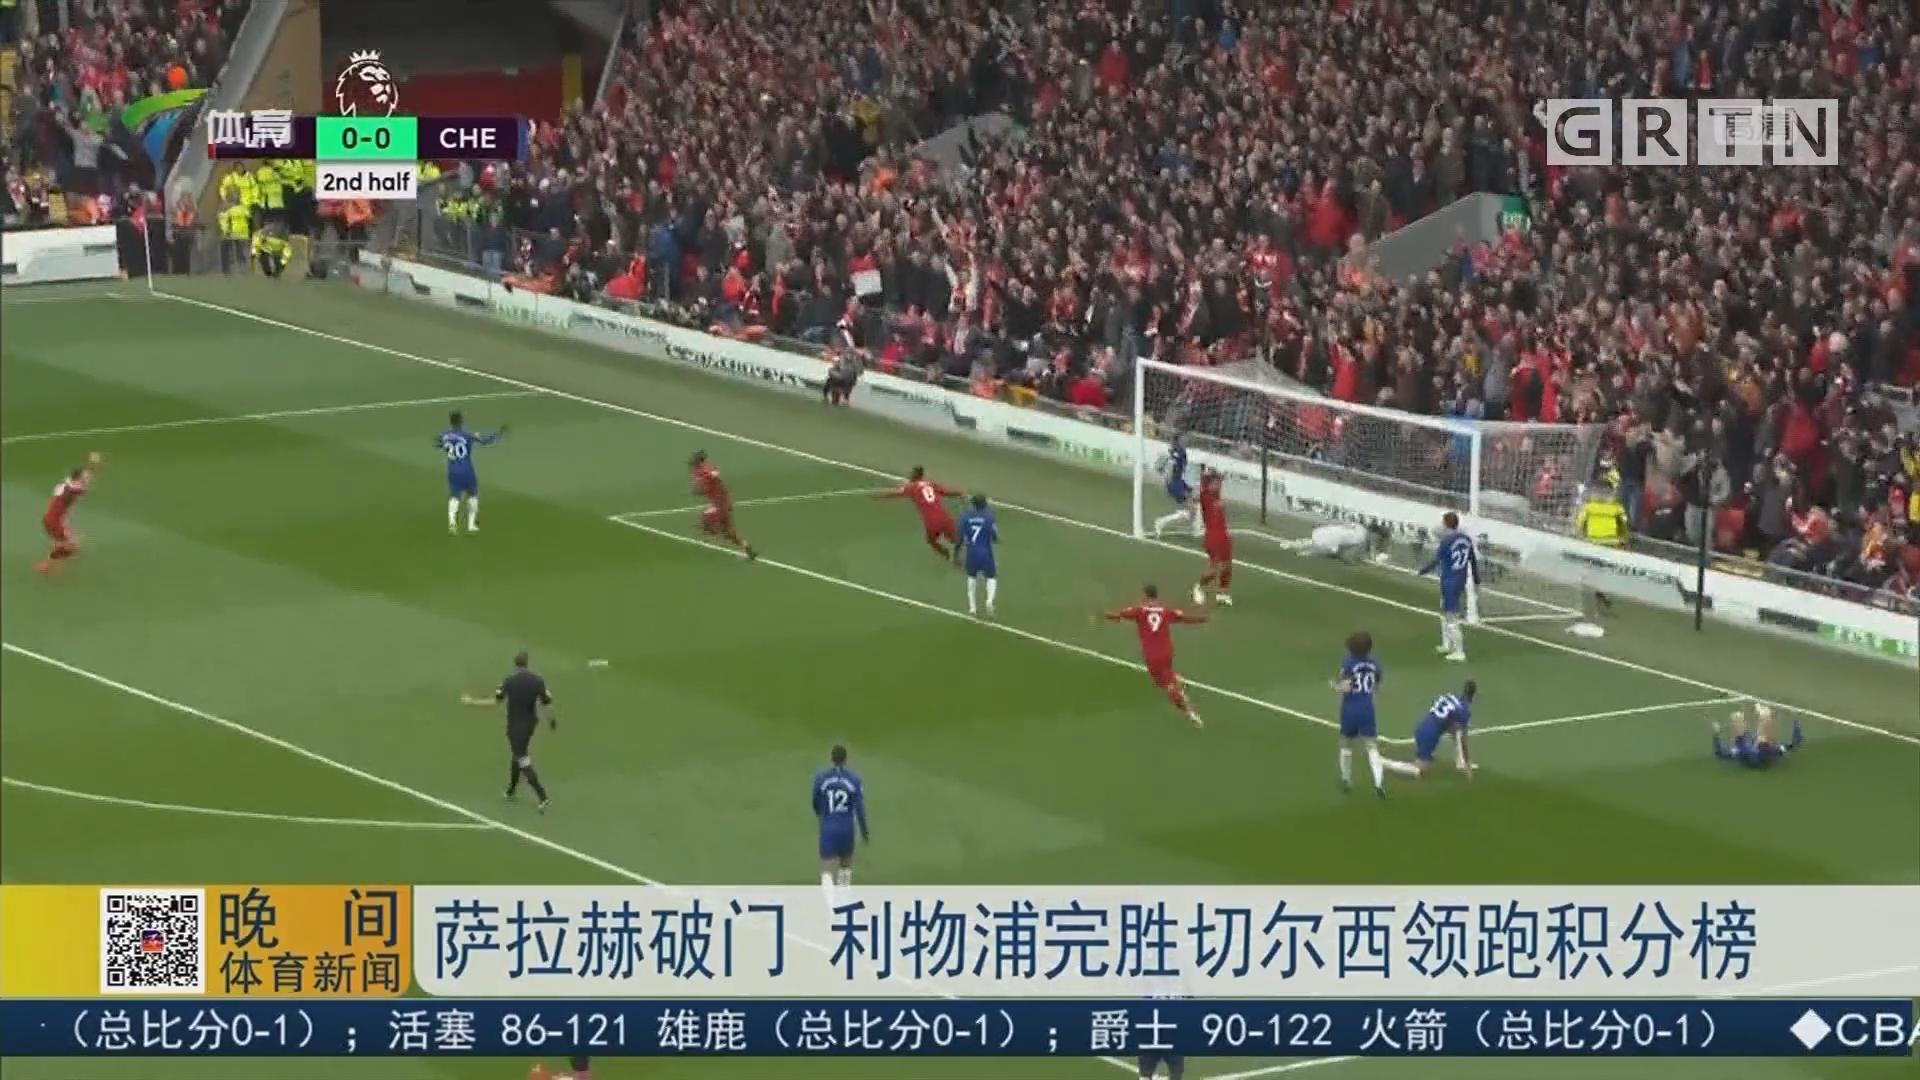 萨拉赫破门 利物浦完胜切尔西领跑积分榜